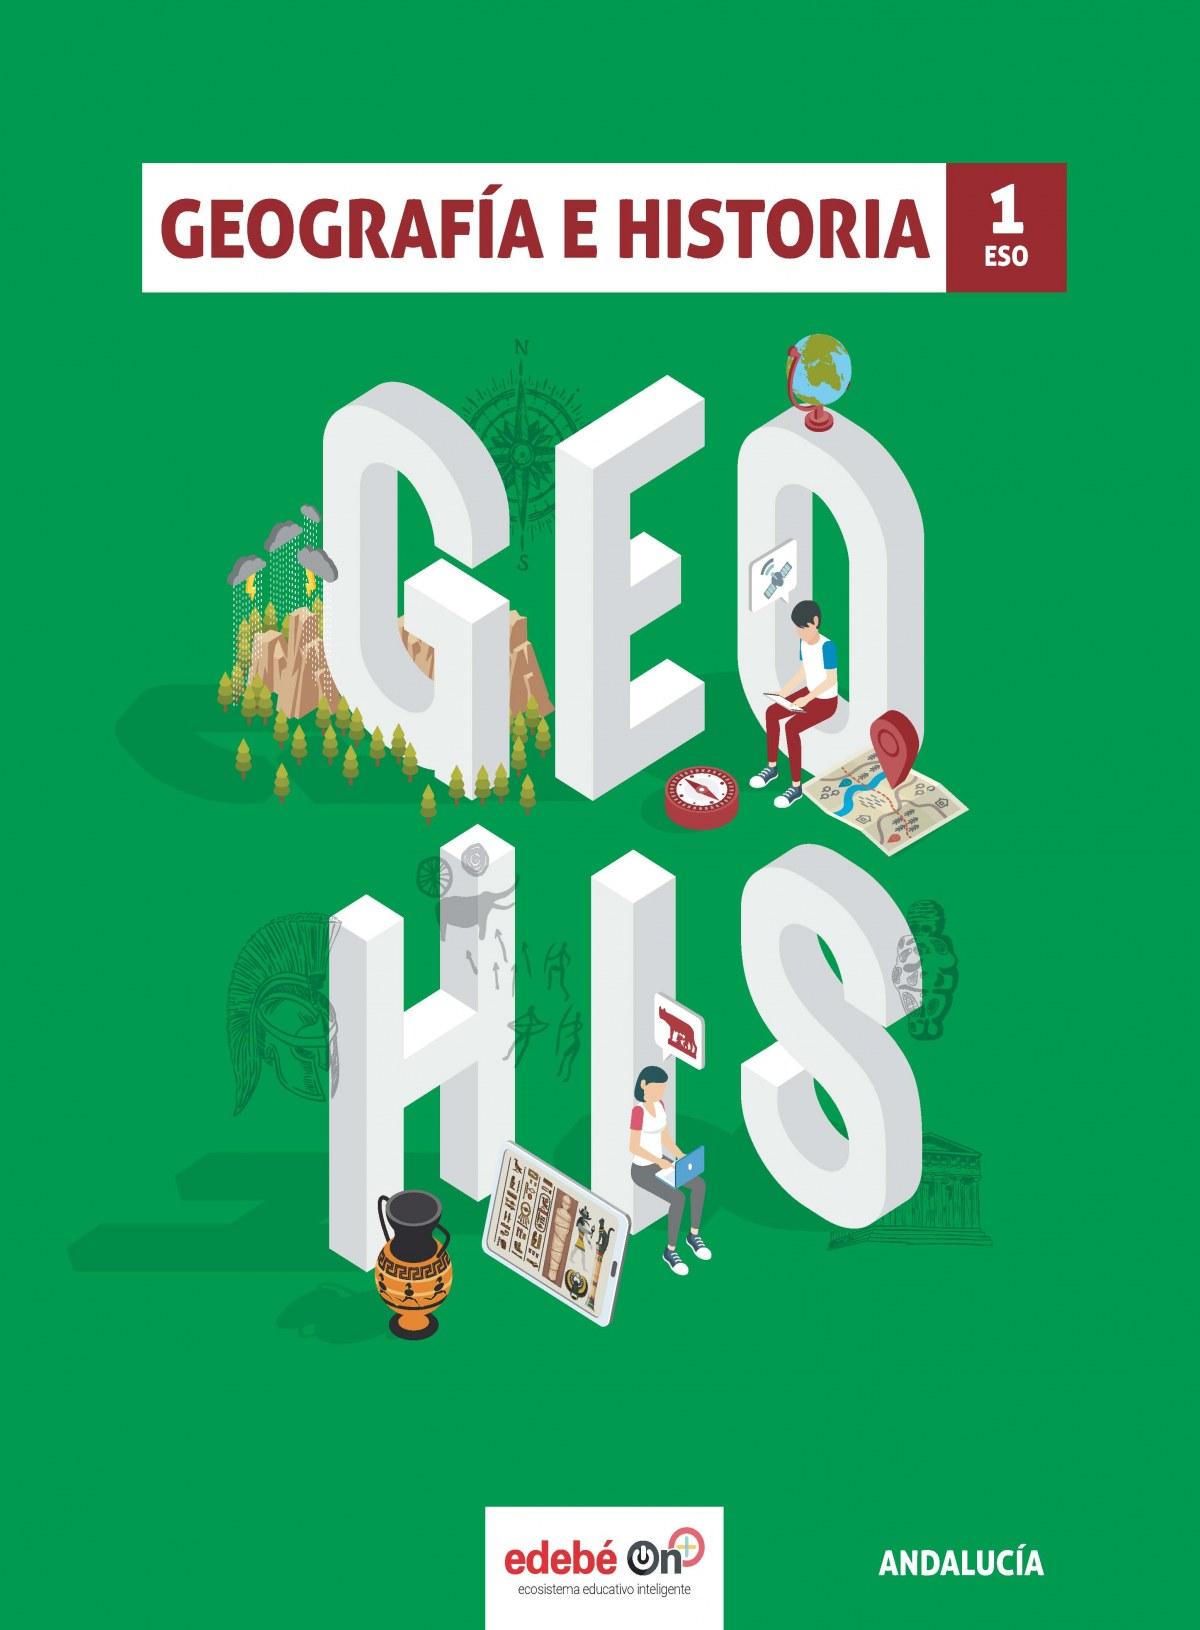 GEOGRAFÍA E HISTORIA 1